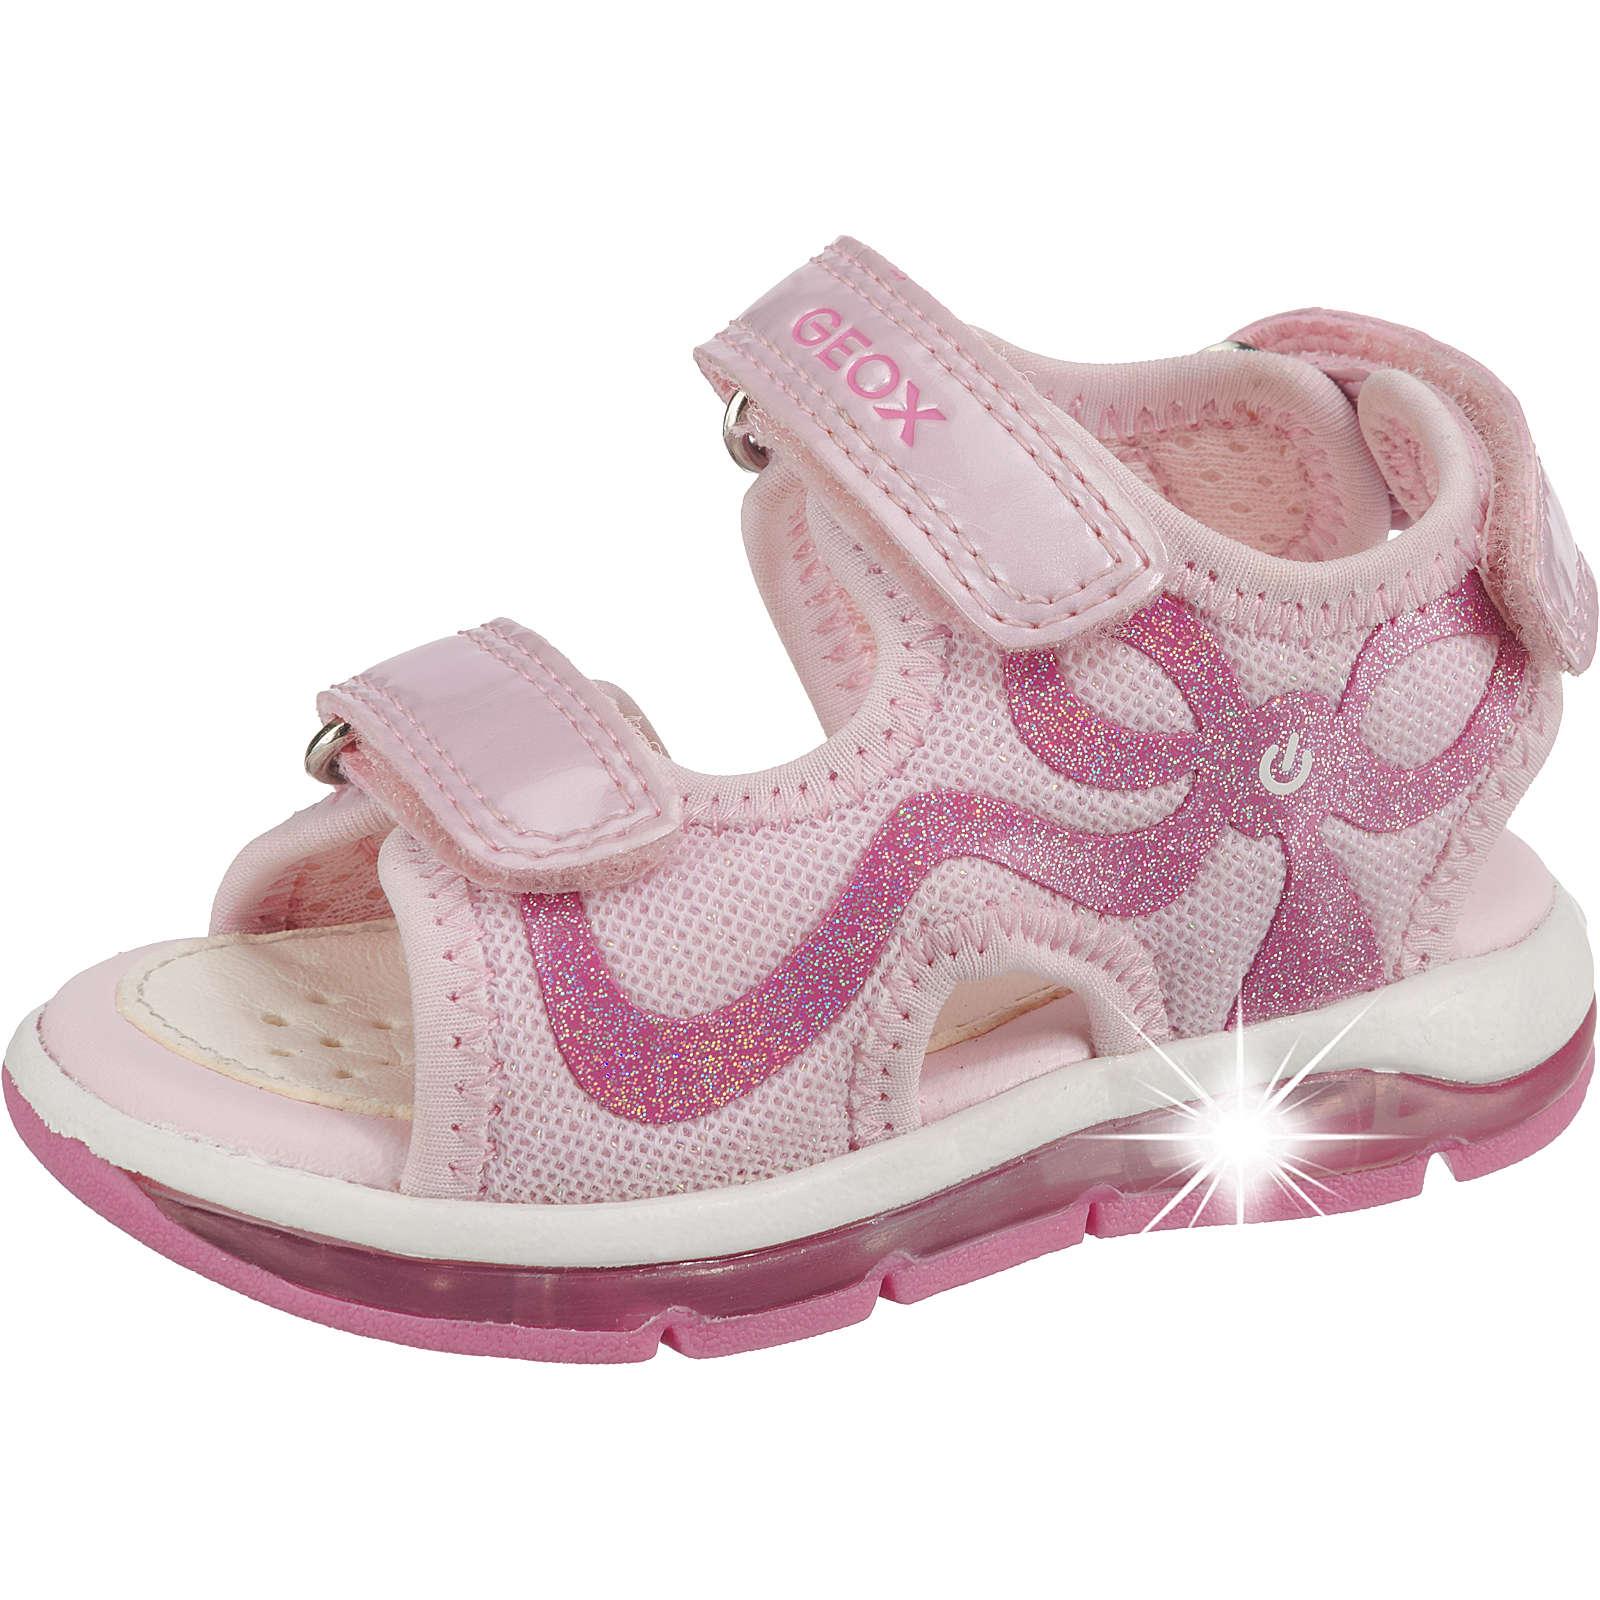 GEOX Baby Sandalen Blinkies TODO GIRL für Mädchen rosa Mädchen Gr. 25